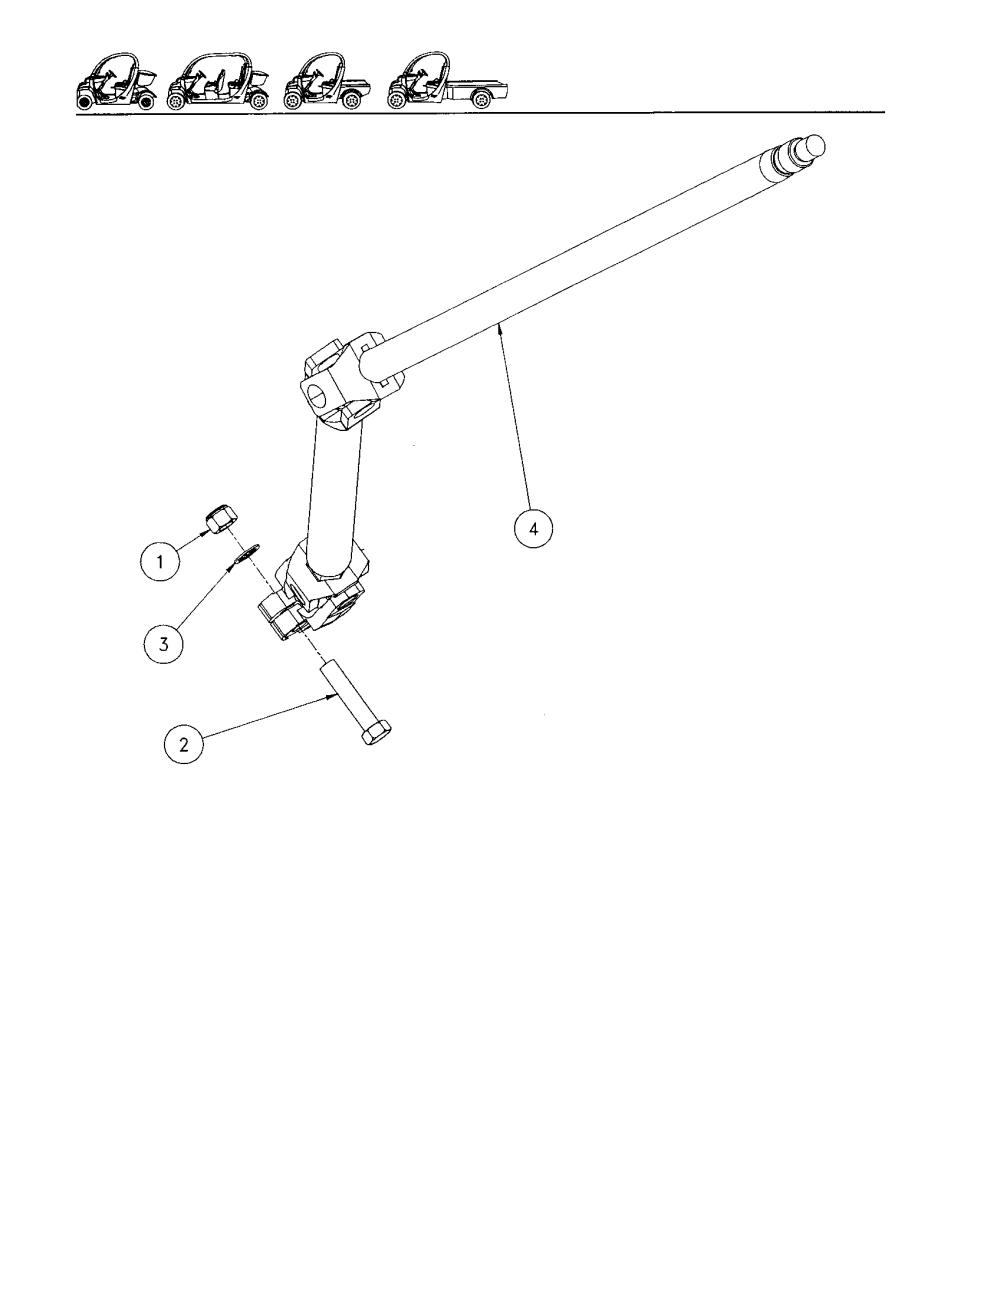 medium resolution of 72 volt gem car battery wiring diagram wiring diagrams u2022 tesla wiring diagram 1999 gem car wiring diagram